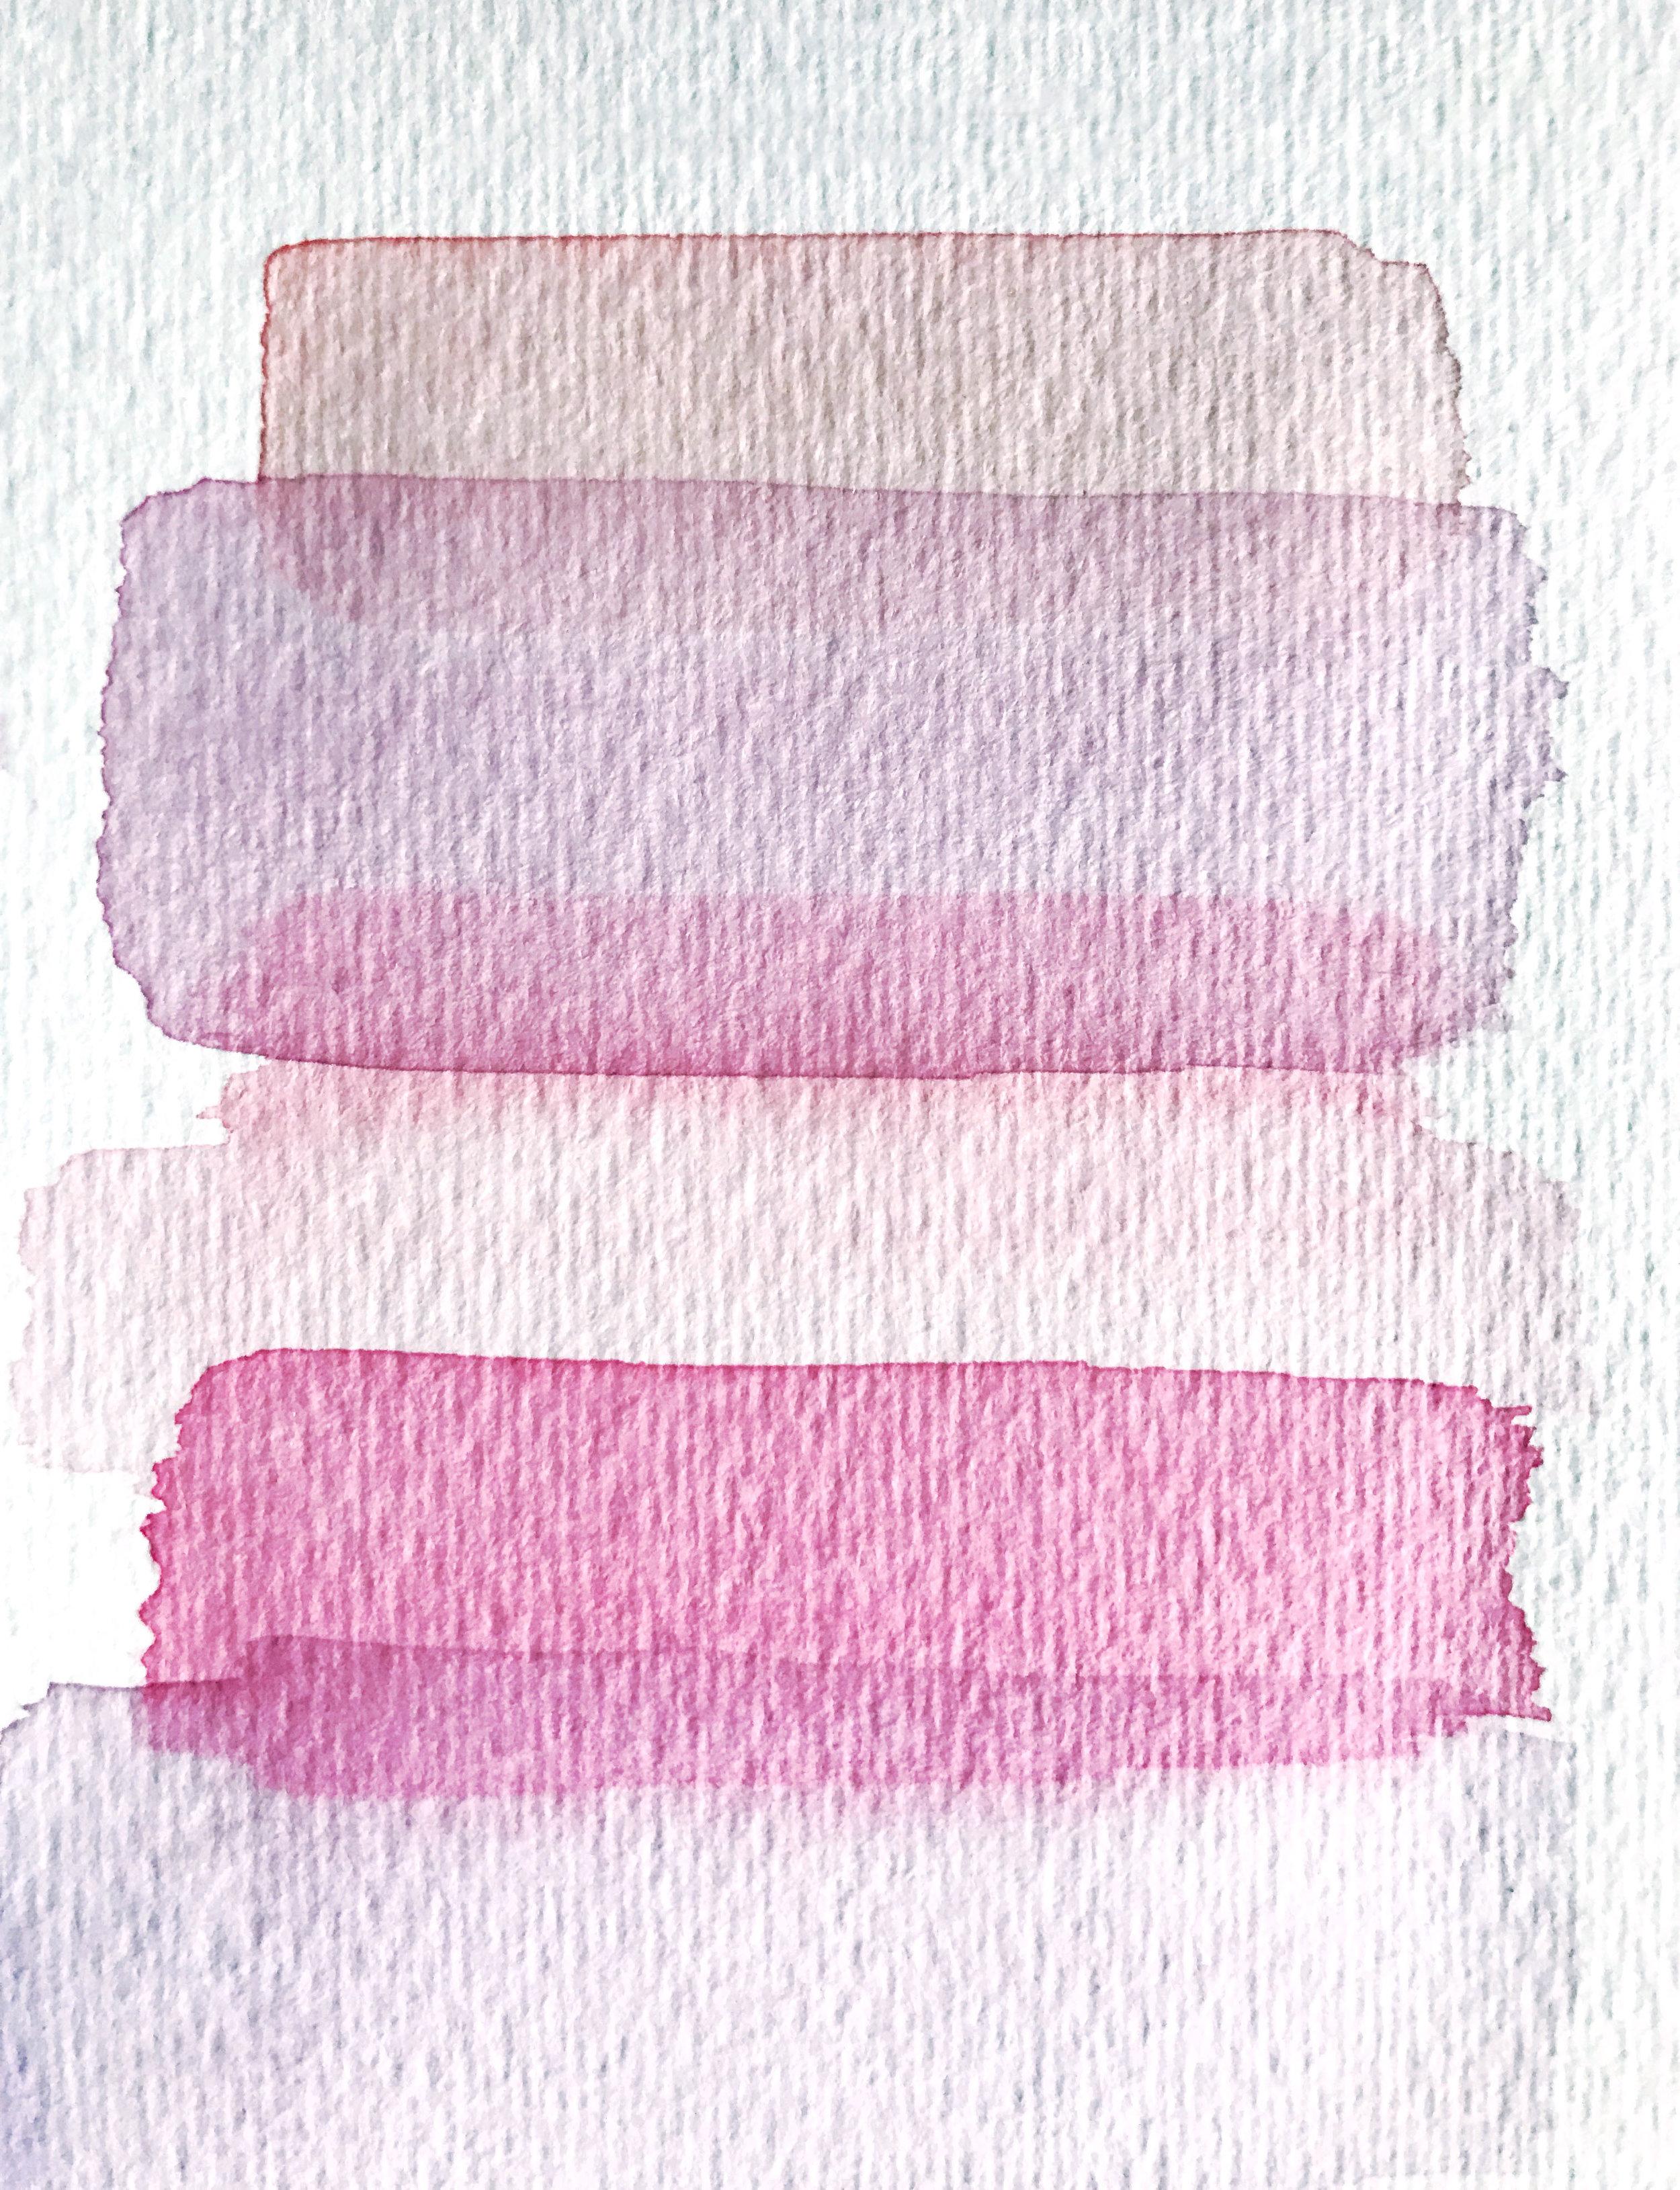 pinkpeachmagentawatercolorstripes.jpg